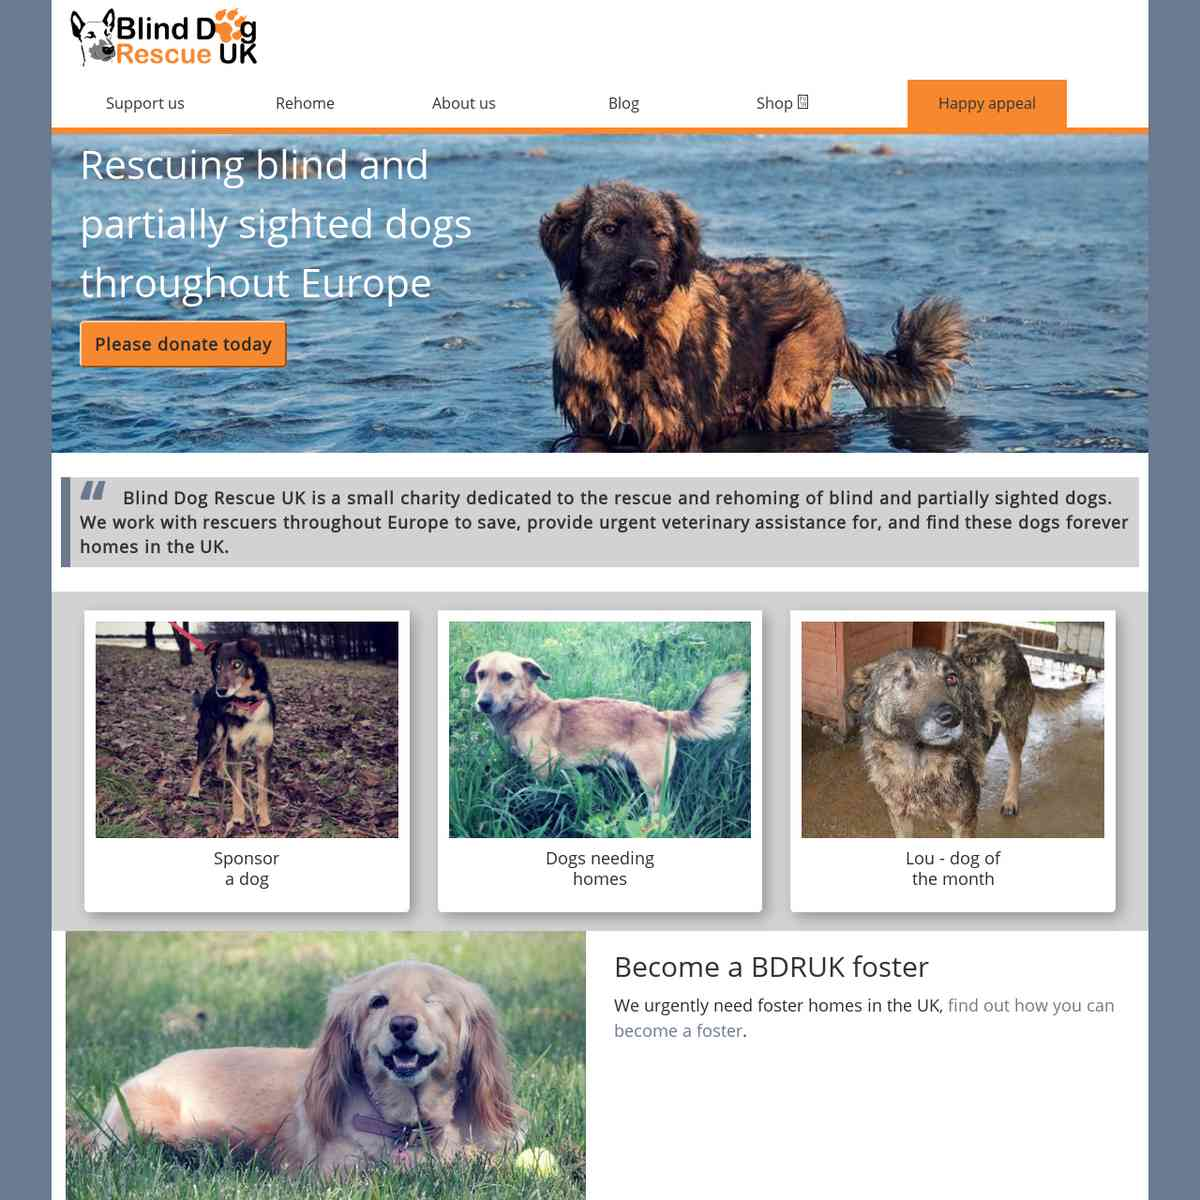 Blind Dog Rescue UK